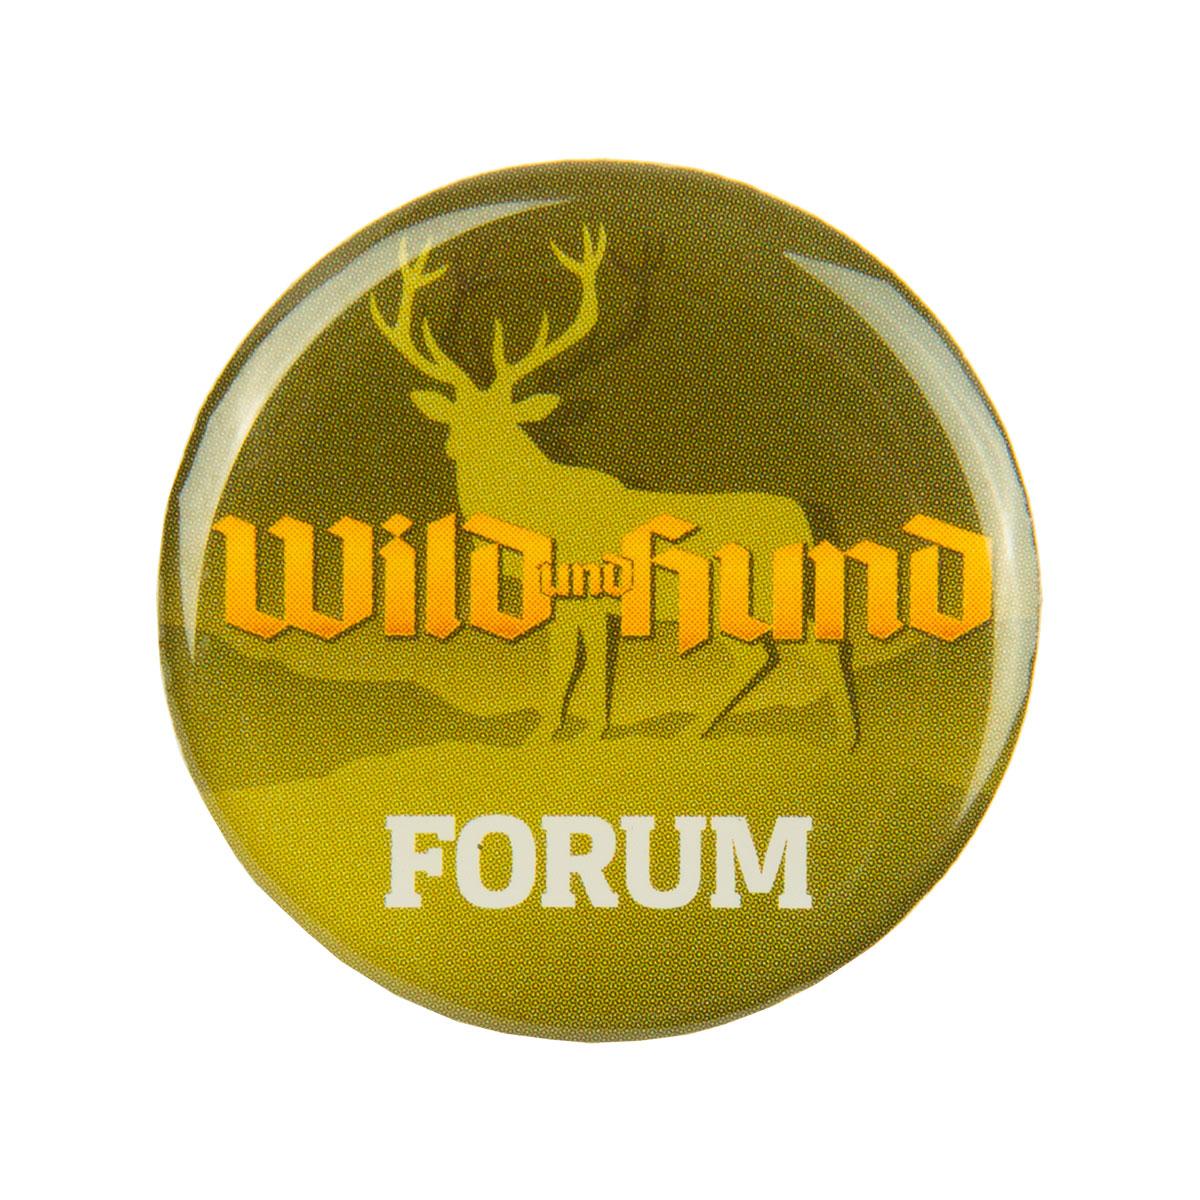 Pin WILD UND HUND Forum im Pareyshop